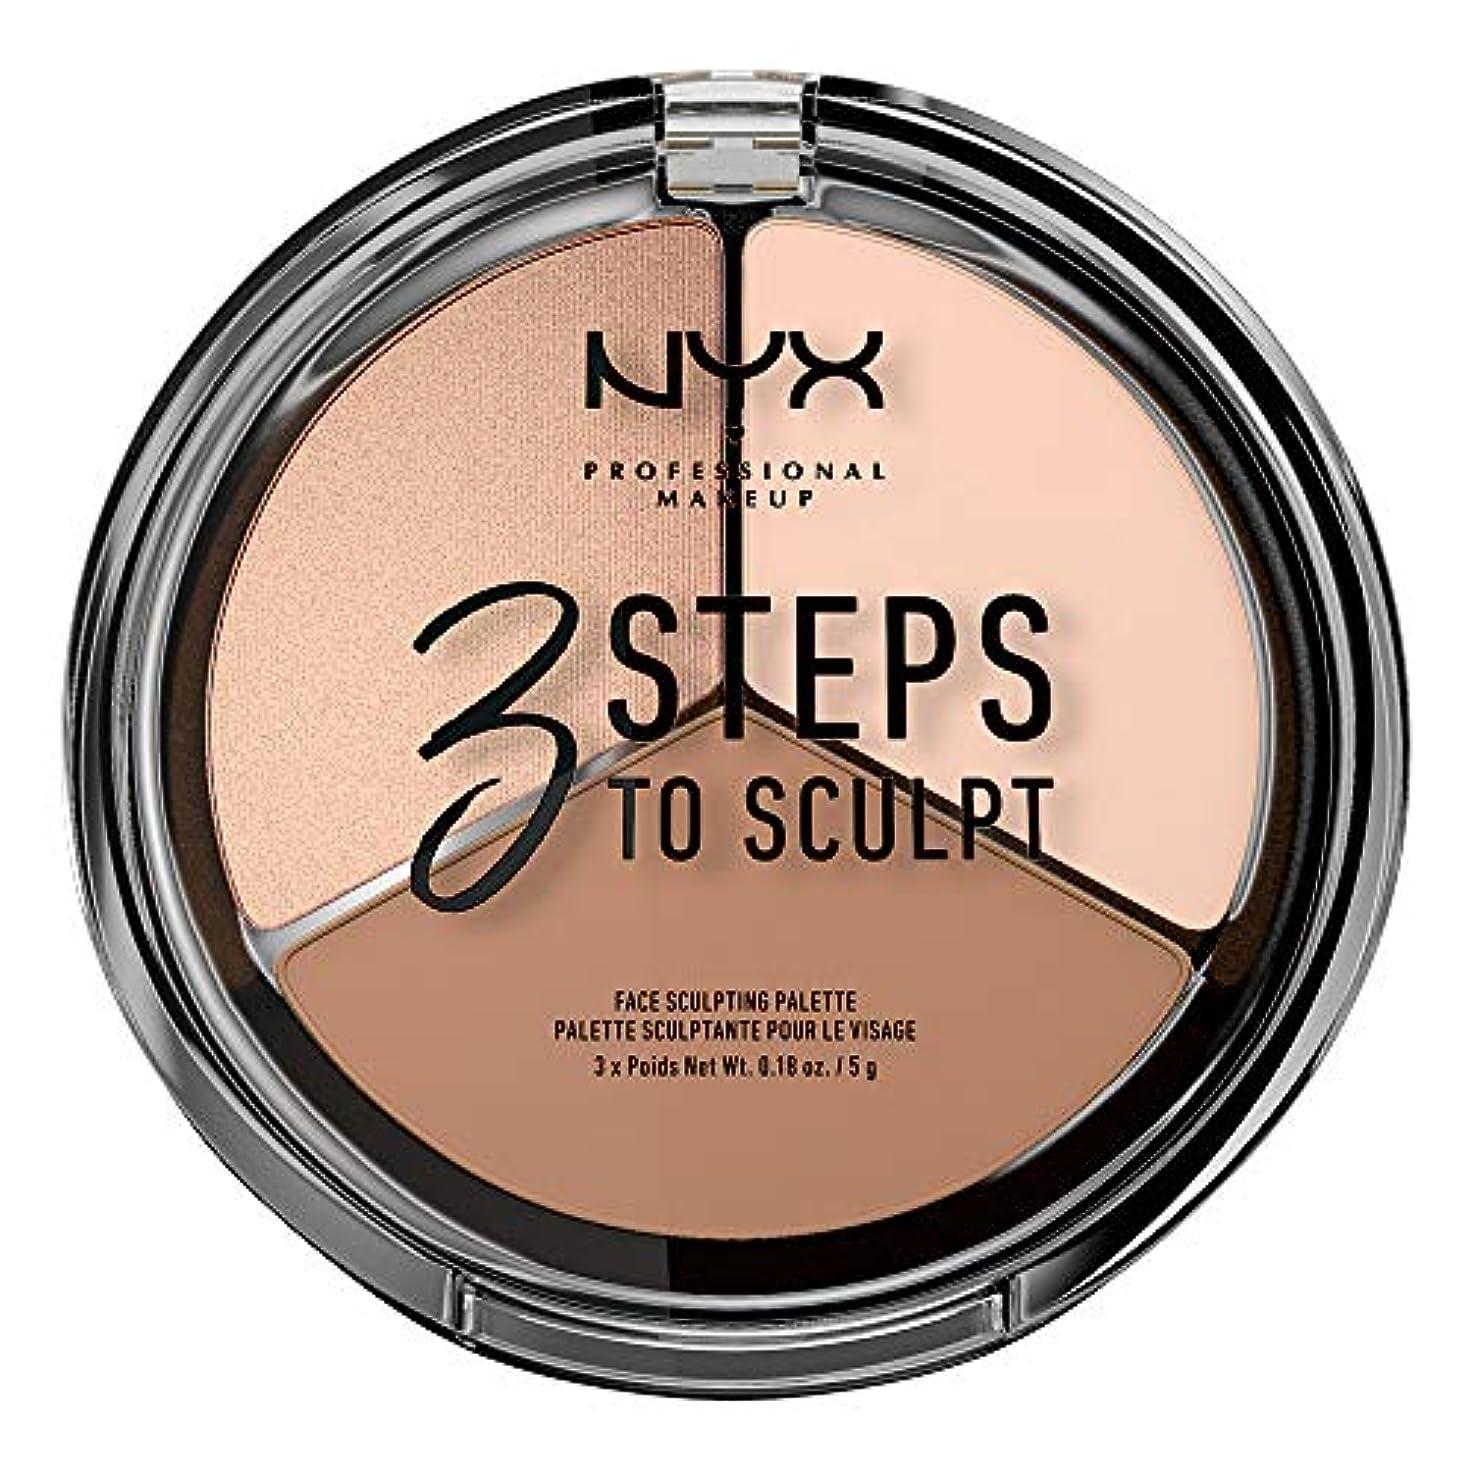 燃料ノーブル圧力NYX(ニックス) 3ステップス トゥー スカルプト フェイス スカルプティング パレット 01 カラー?フェア